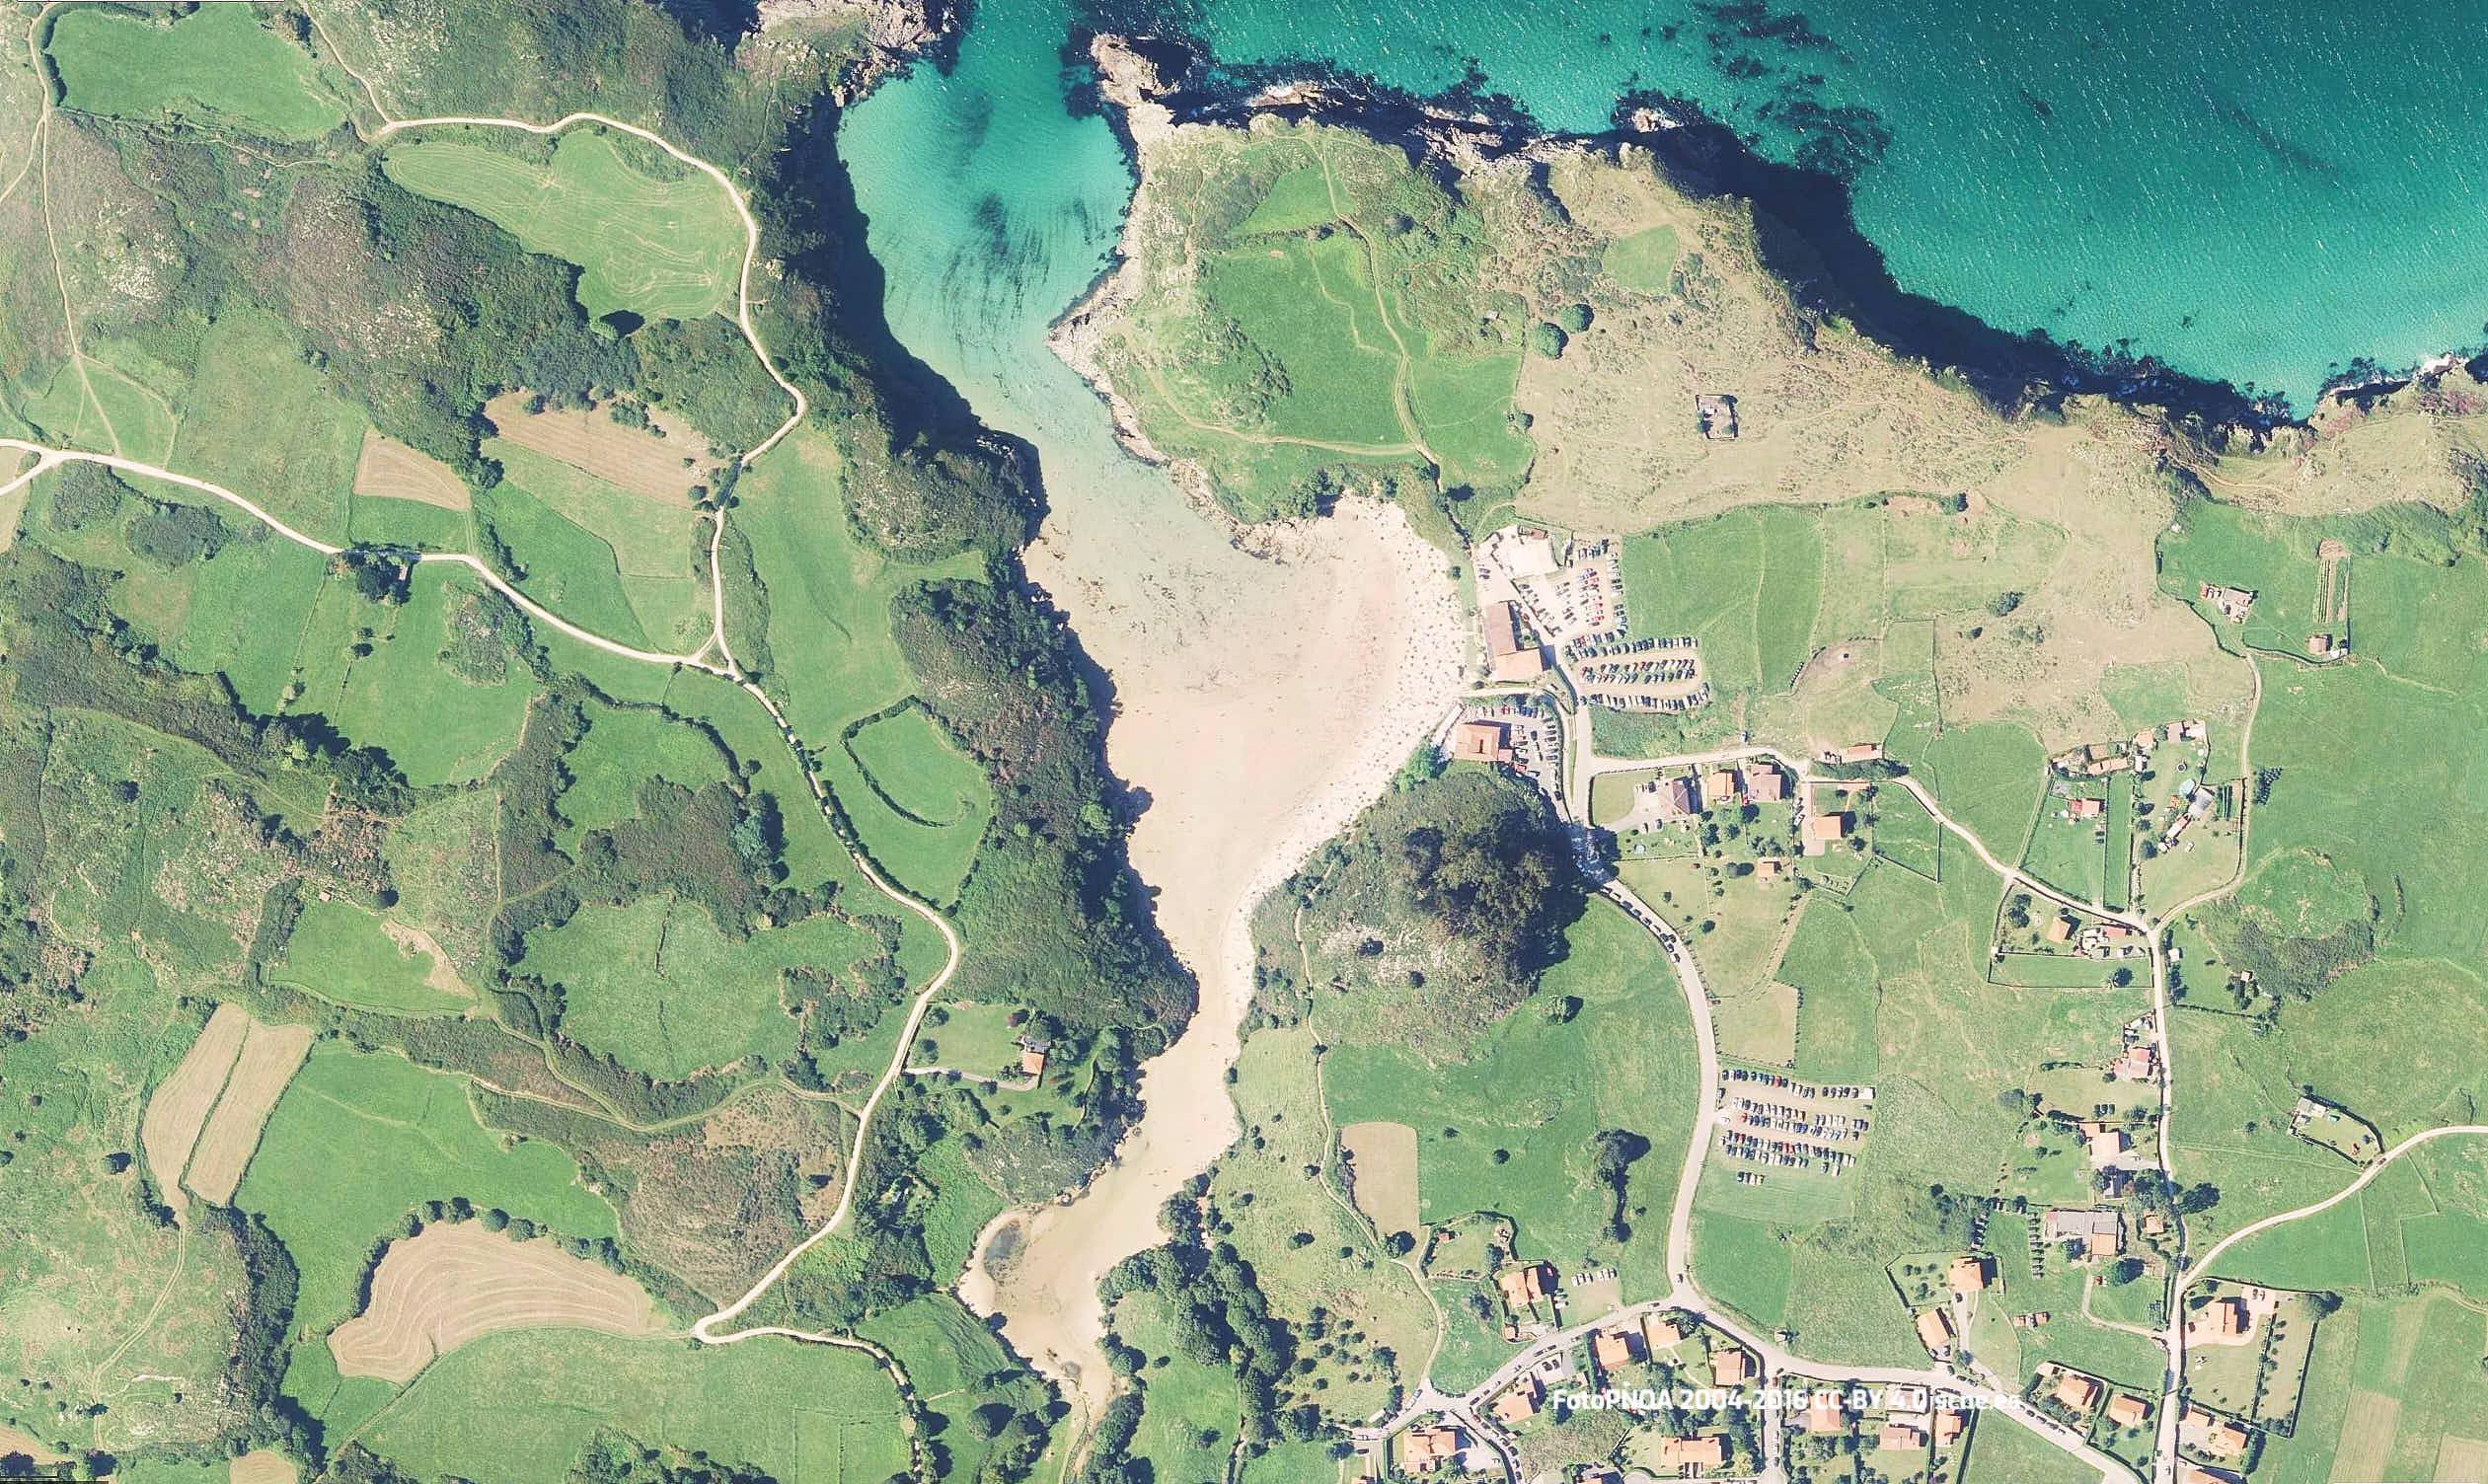 Vista aerea de la playa de Poo en Llanes, Asturias